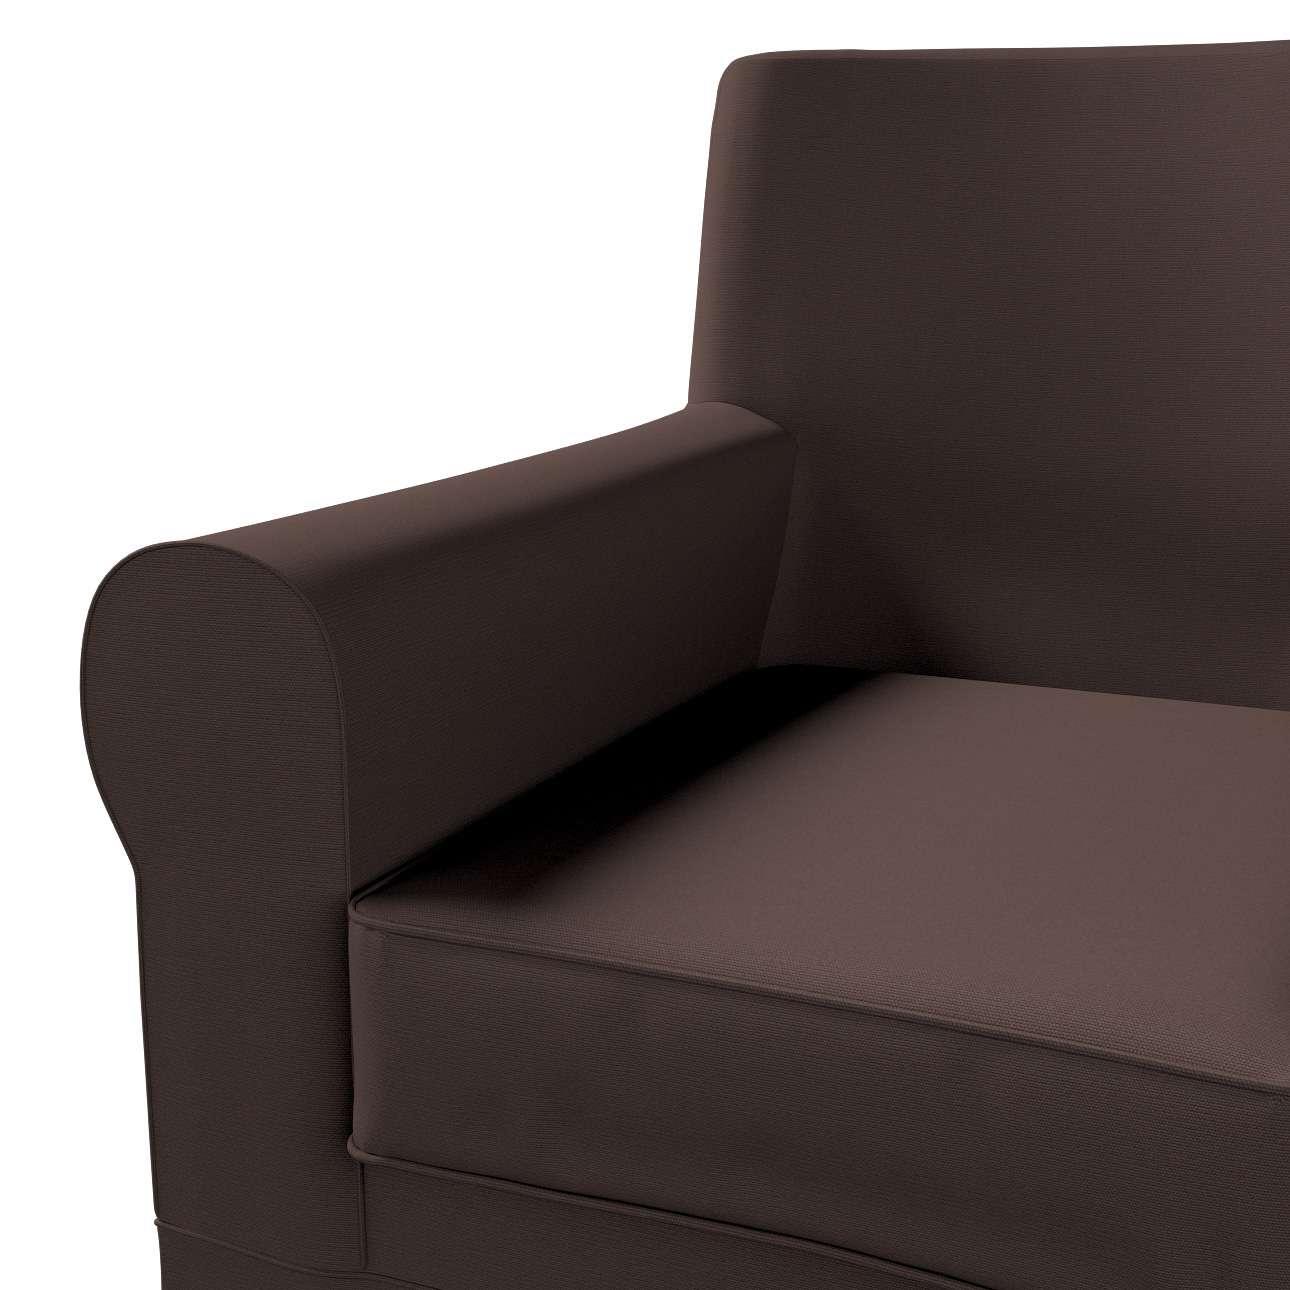 Pokrowiec na fotel Ektorp Jennylund w kolekcji Cotton Panama, tkanina: 702-03